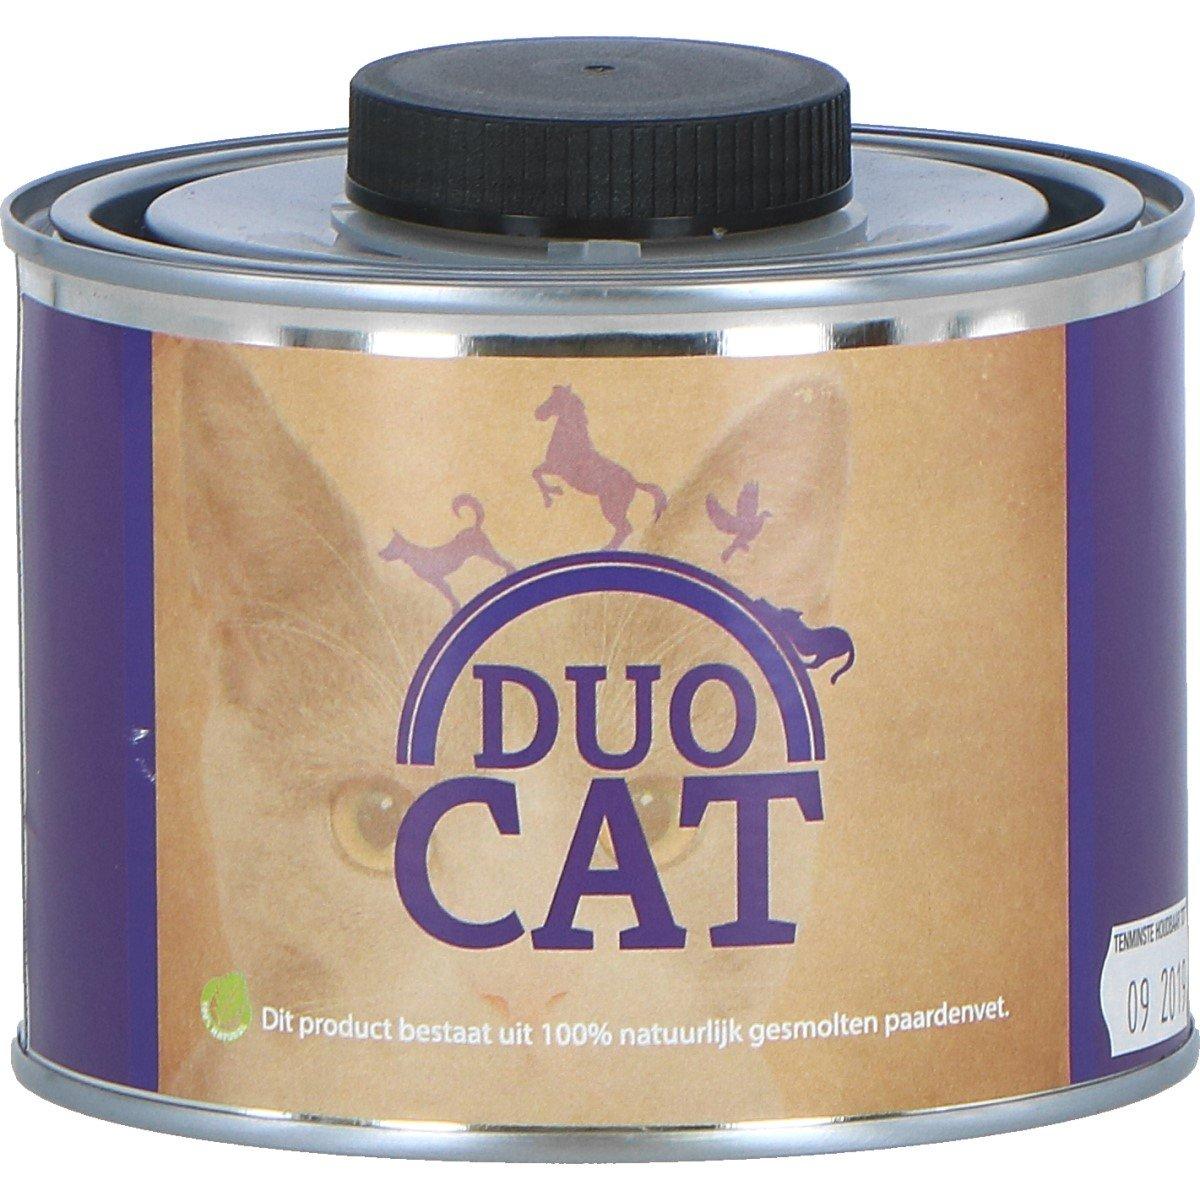 Afbeelding van Duo Protection Cat Vet Supplement 500ml